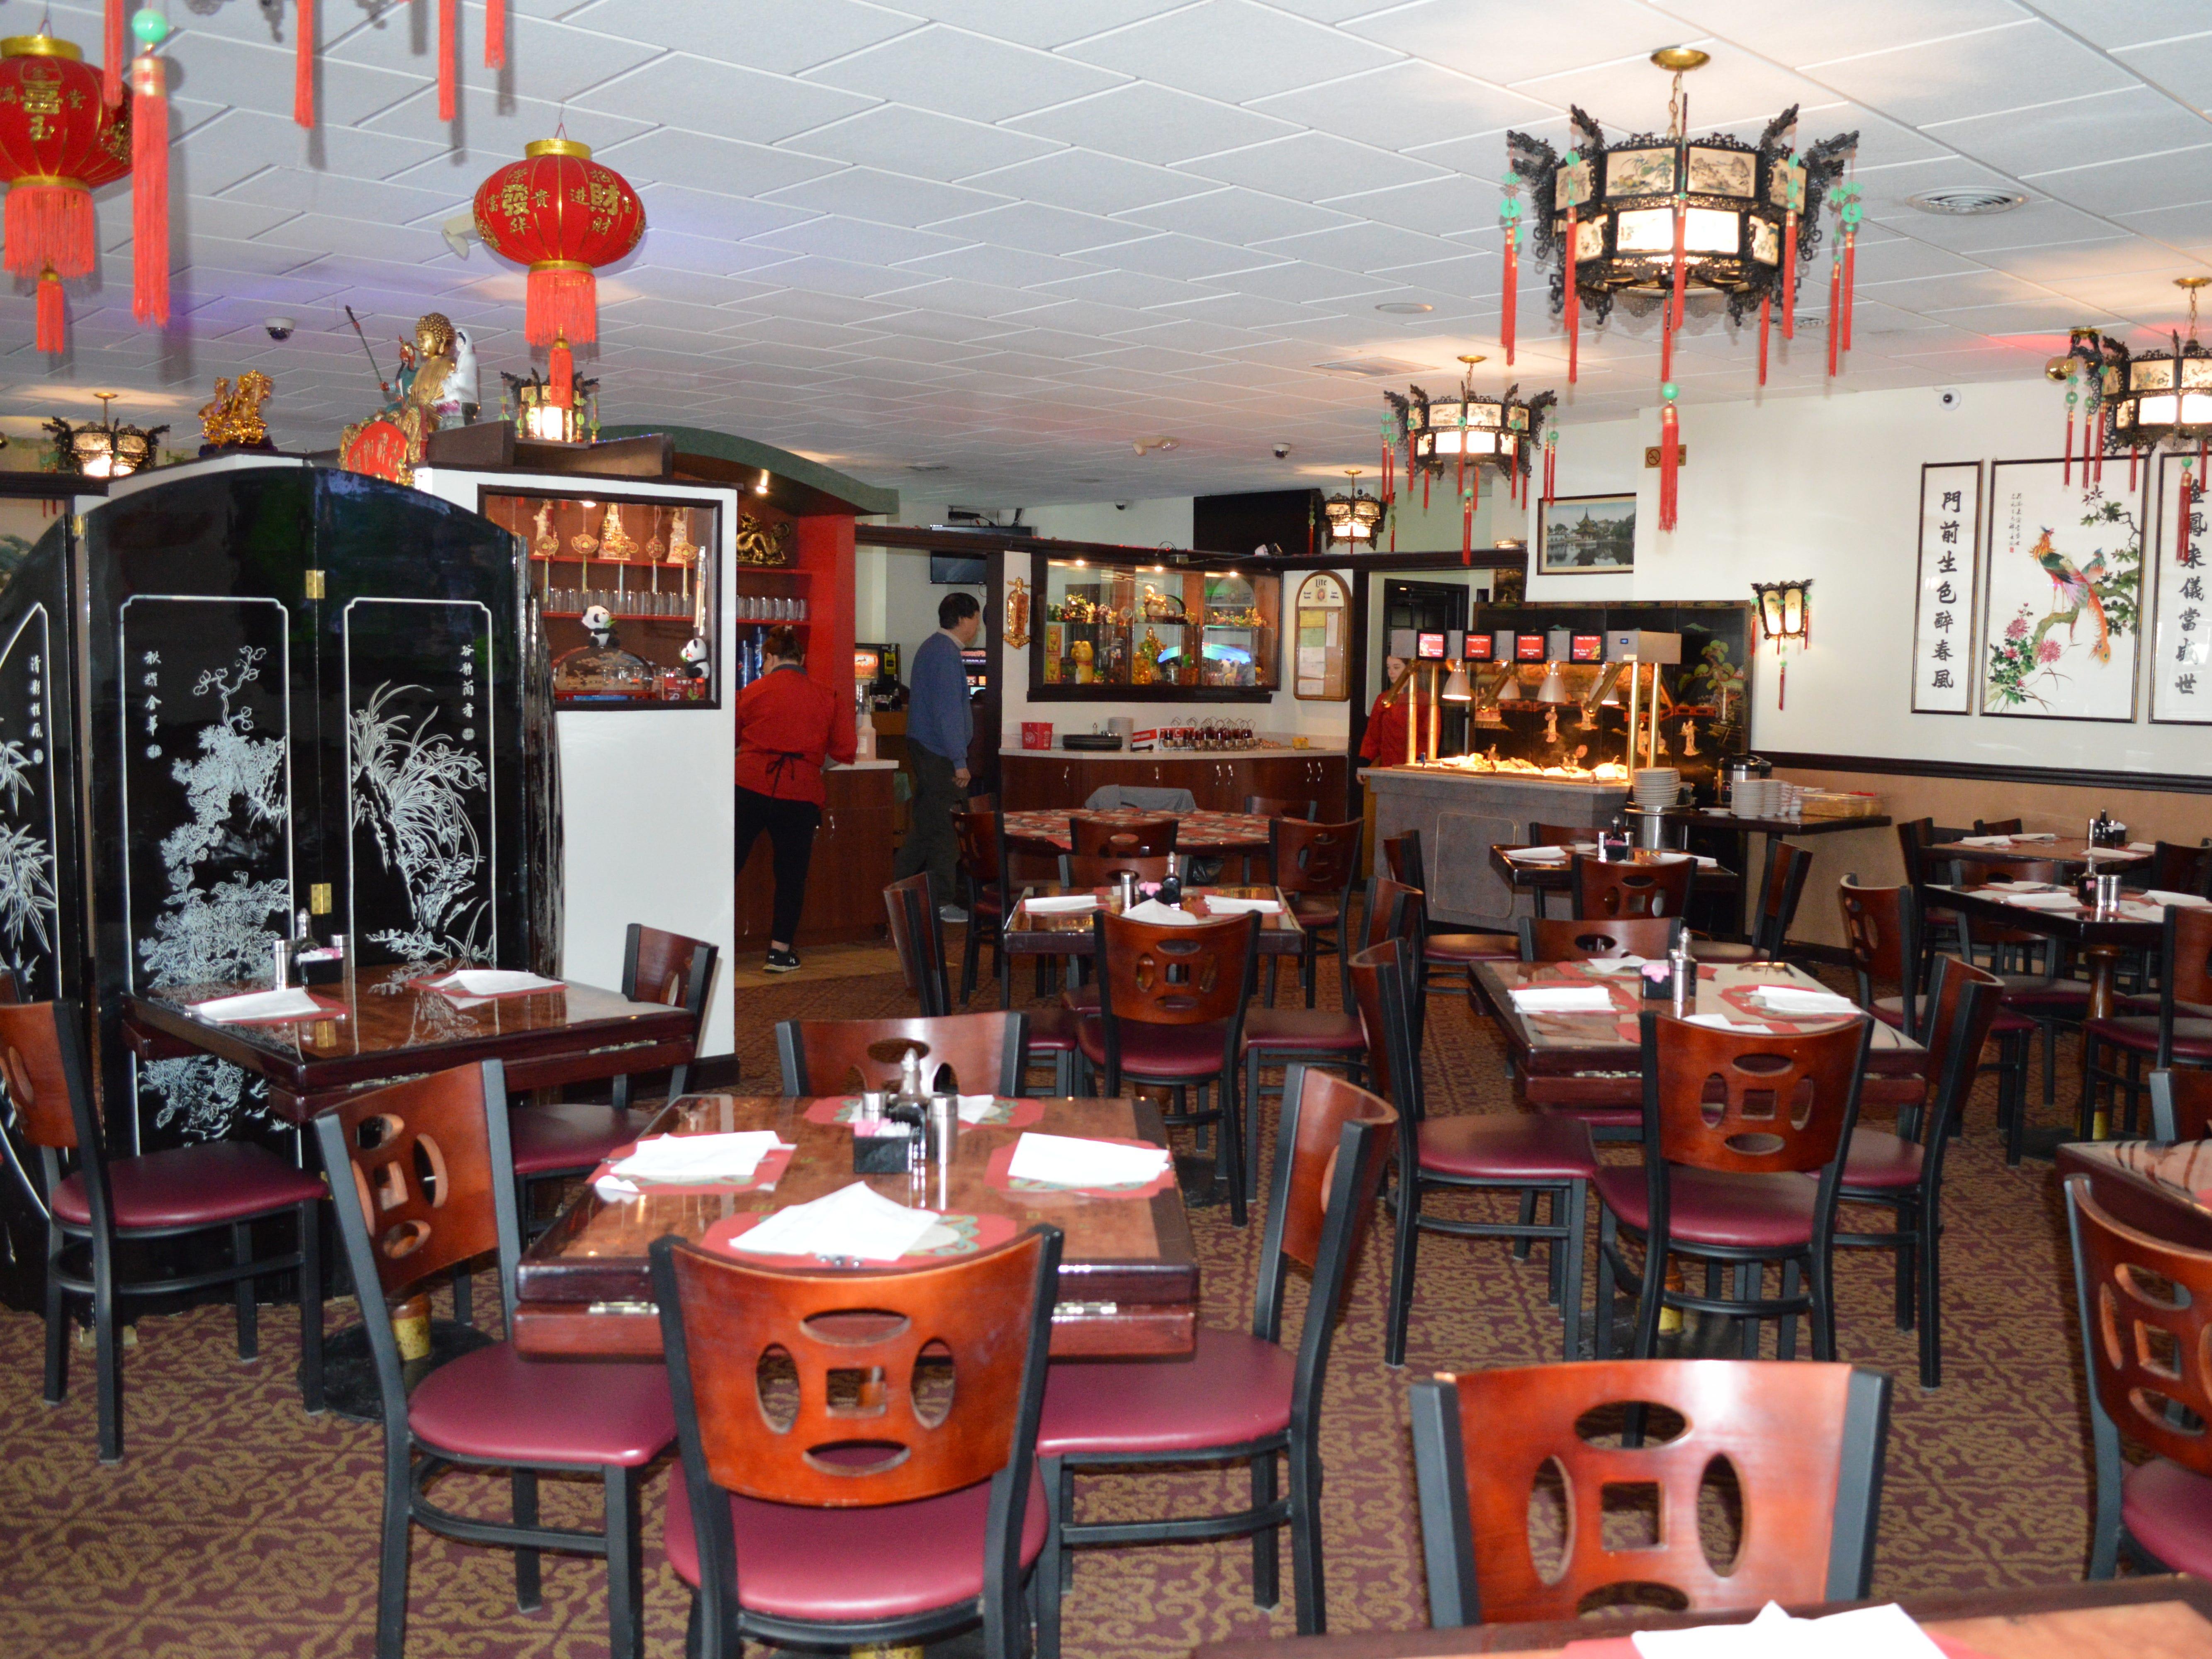 Golden Gate Restaurant opened in 1980.